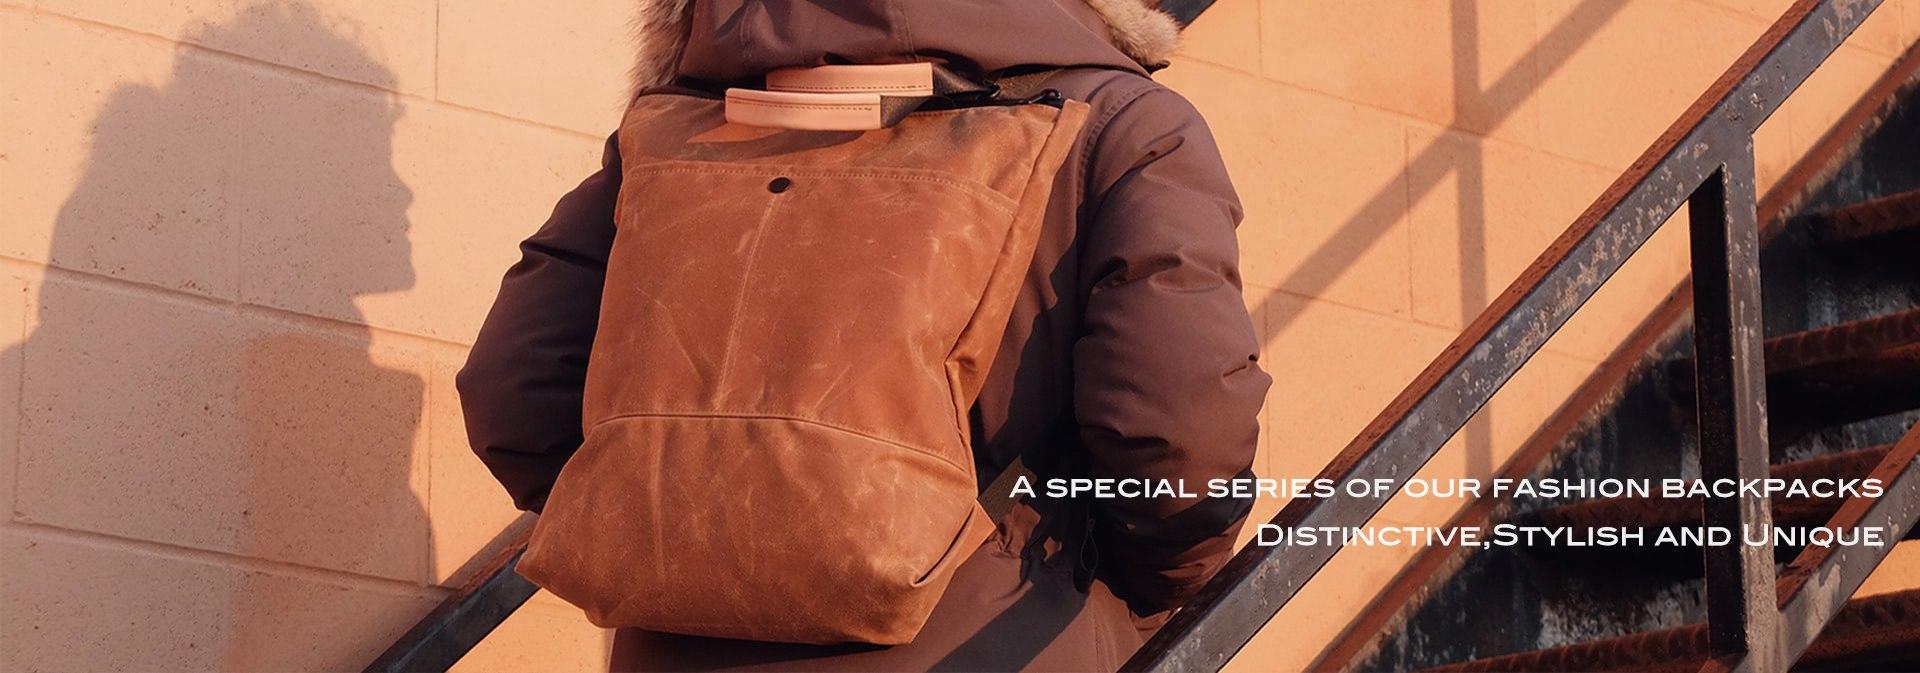 bags wholesaler